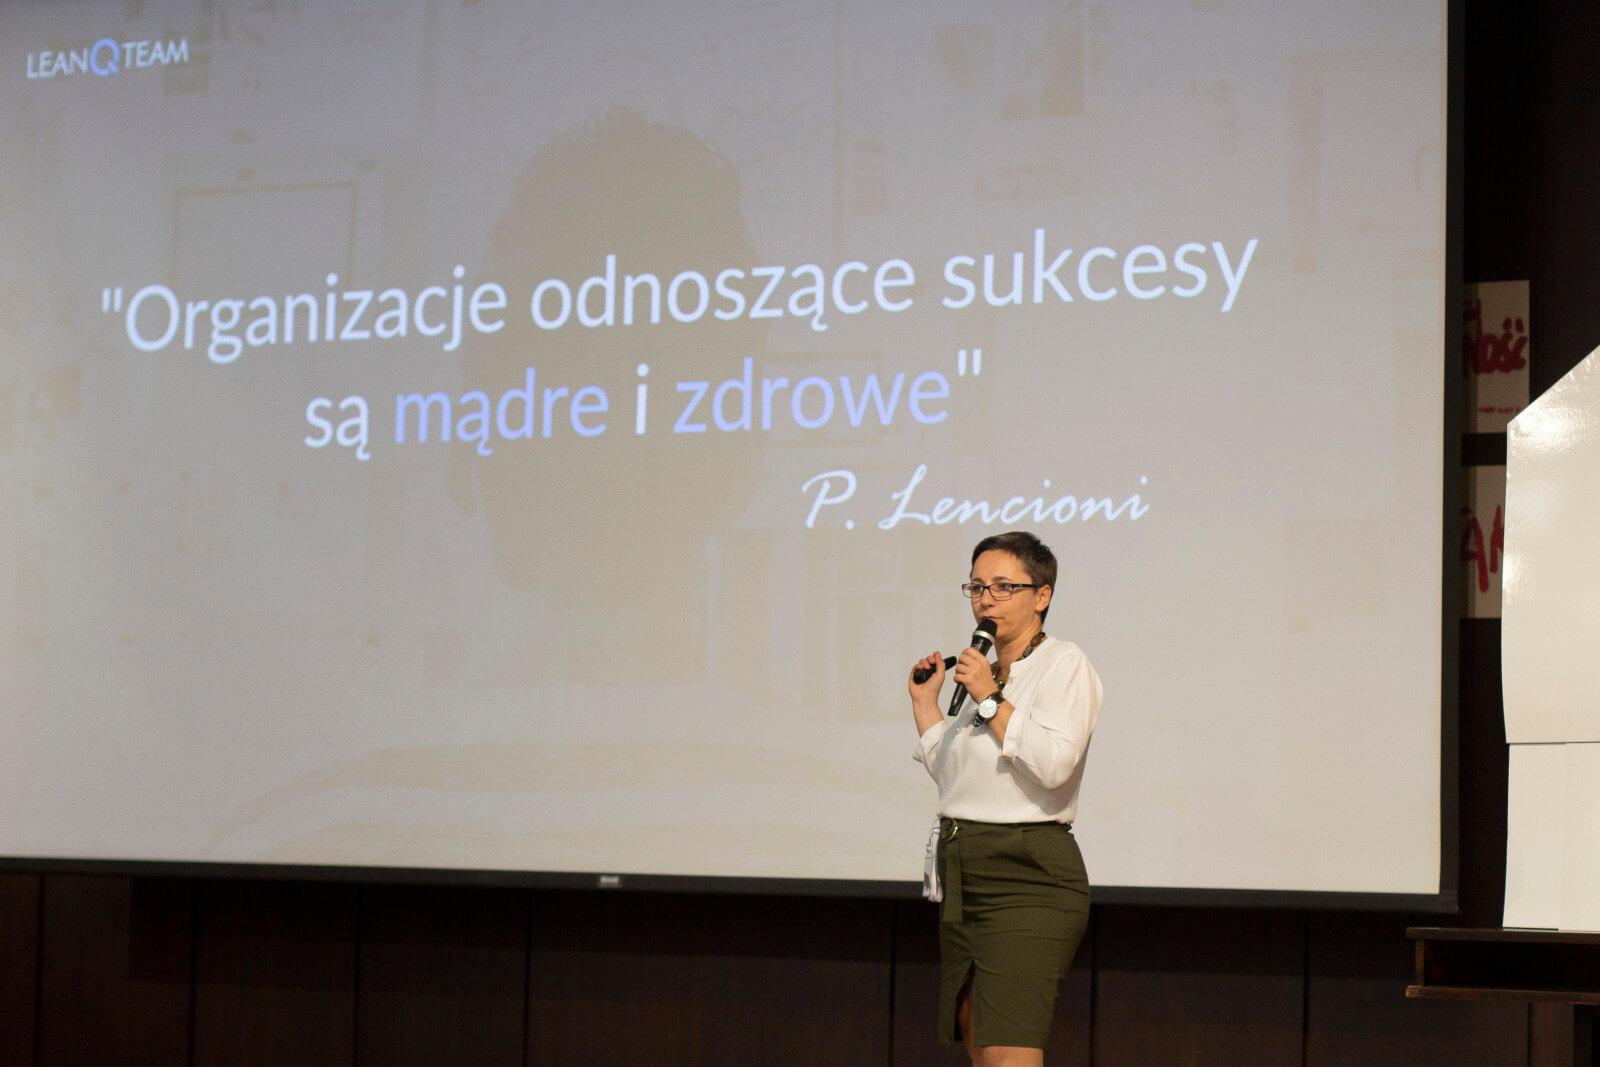 Joanna Czerska na Lean Polak Potrafi 2019